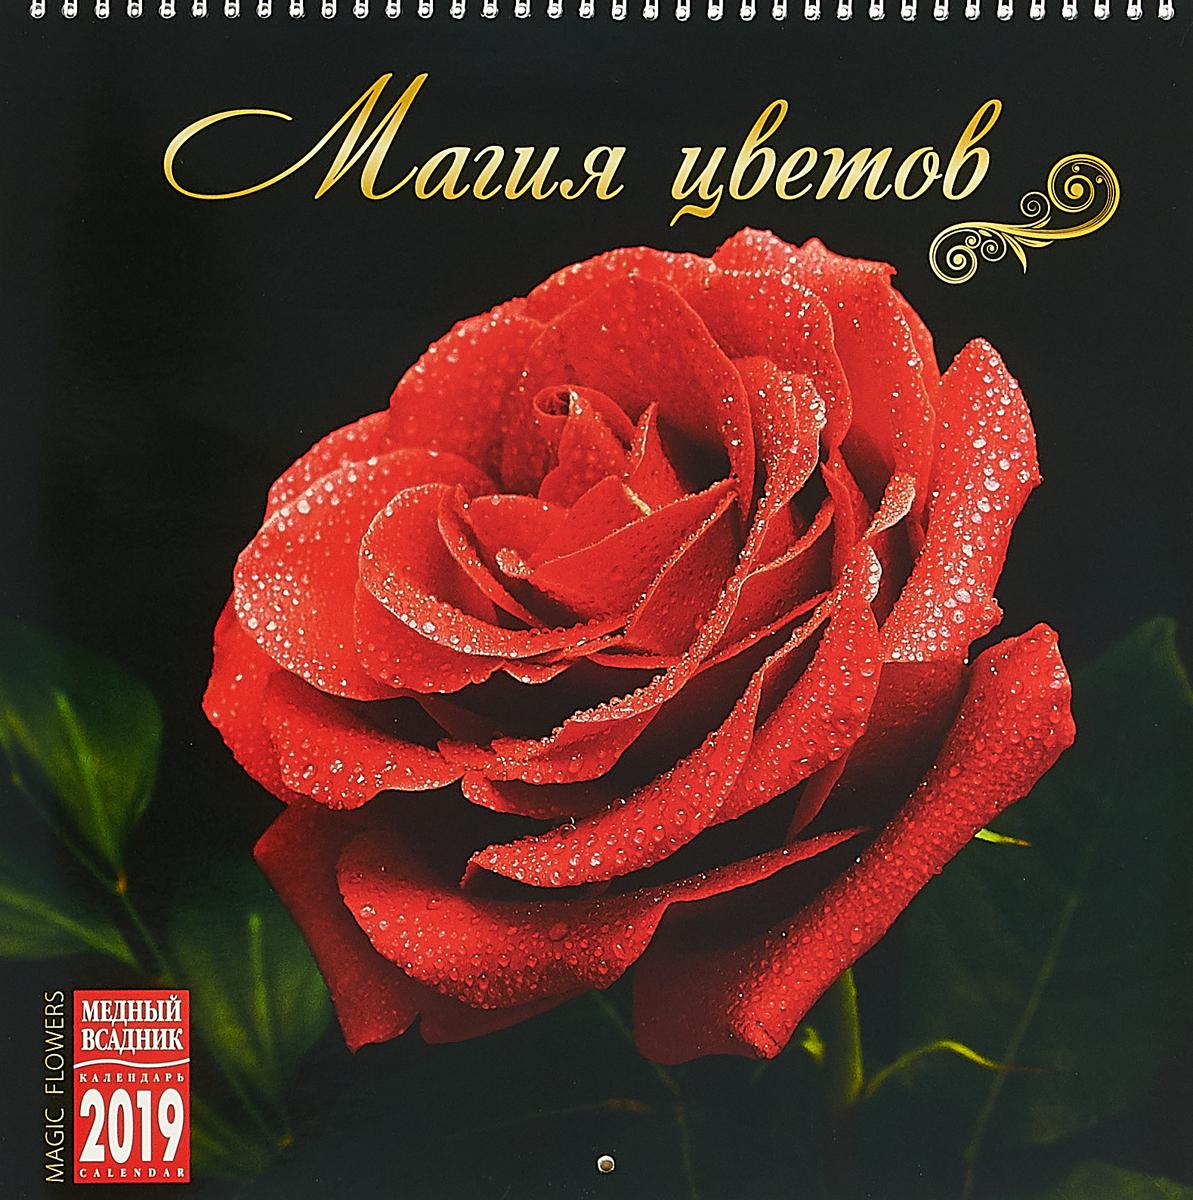 Календарь на спирали на 2019 год. Магия цветов. Роза